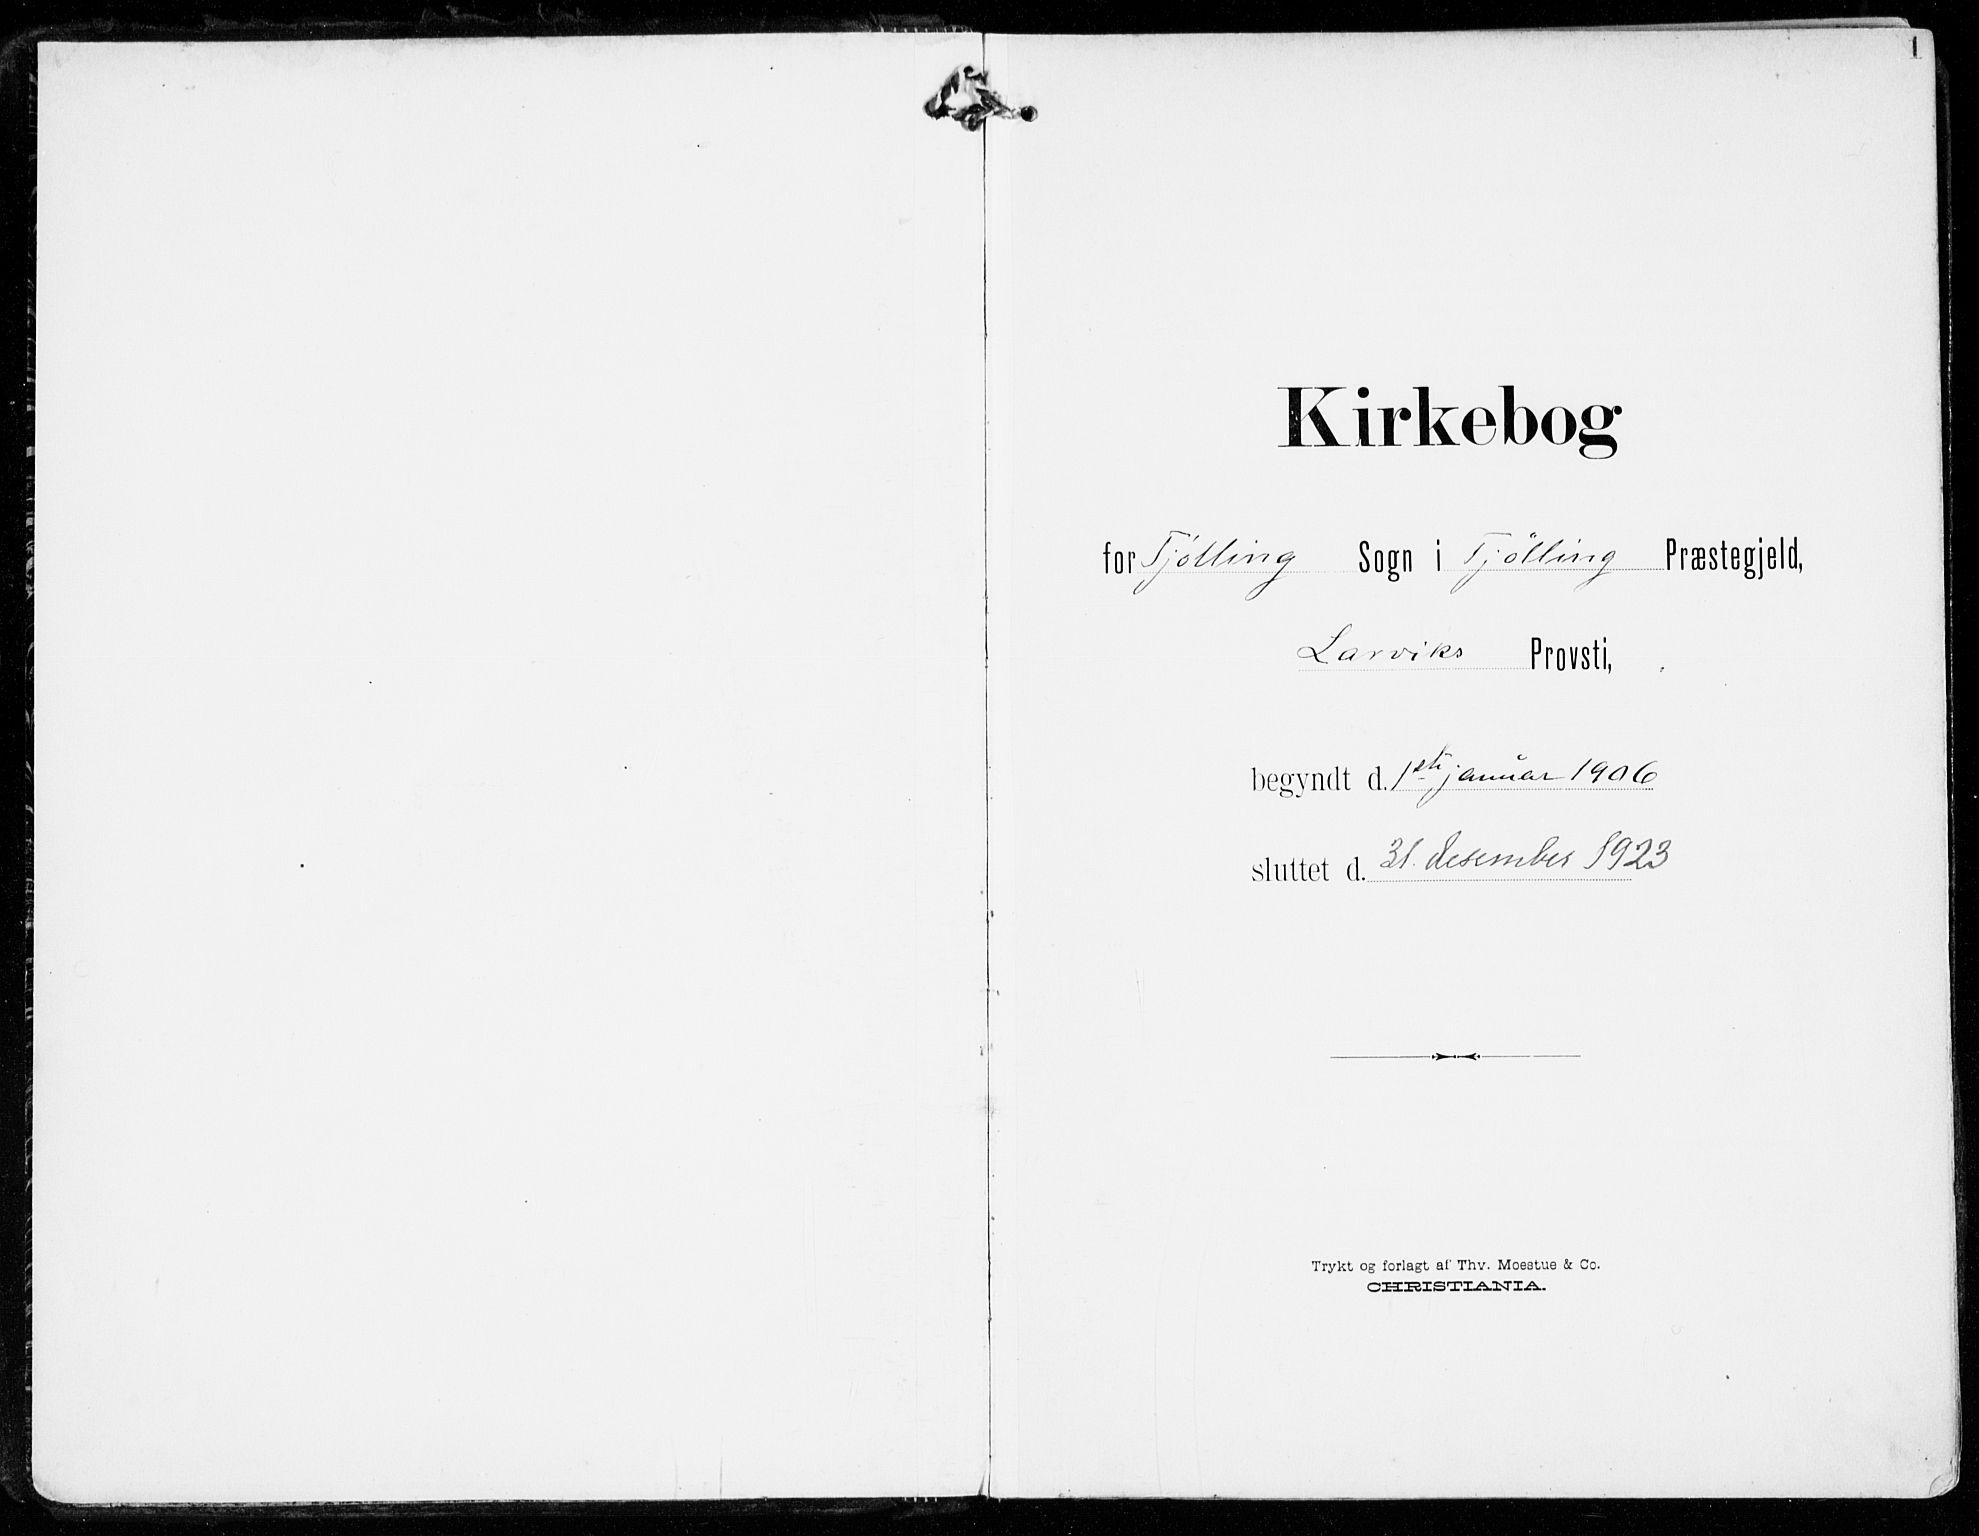 SAKO, Tjølling kirkebøker, F/Fa/L0010: Ministerialbok nr. 10, 1906-1923, s. 1